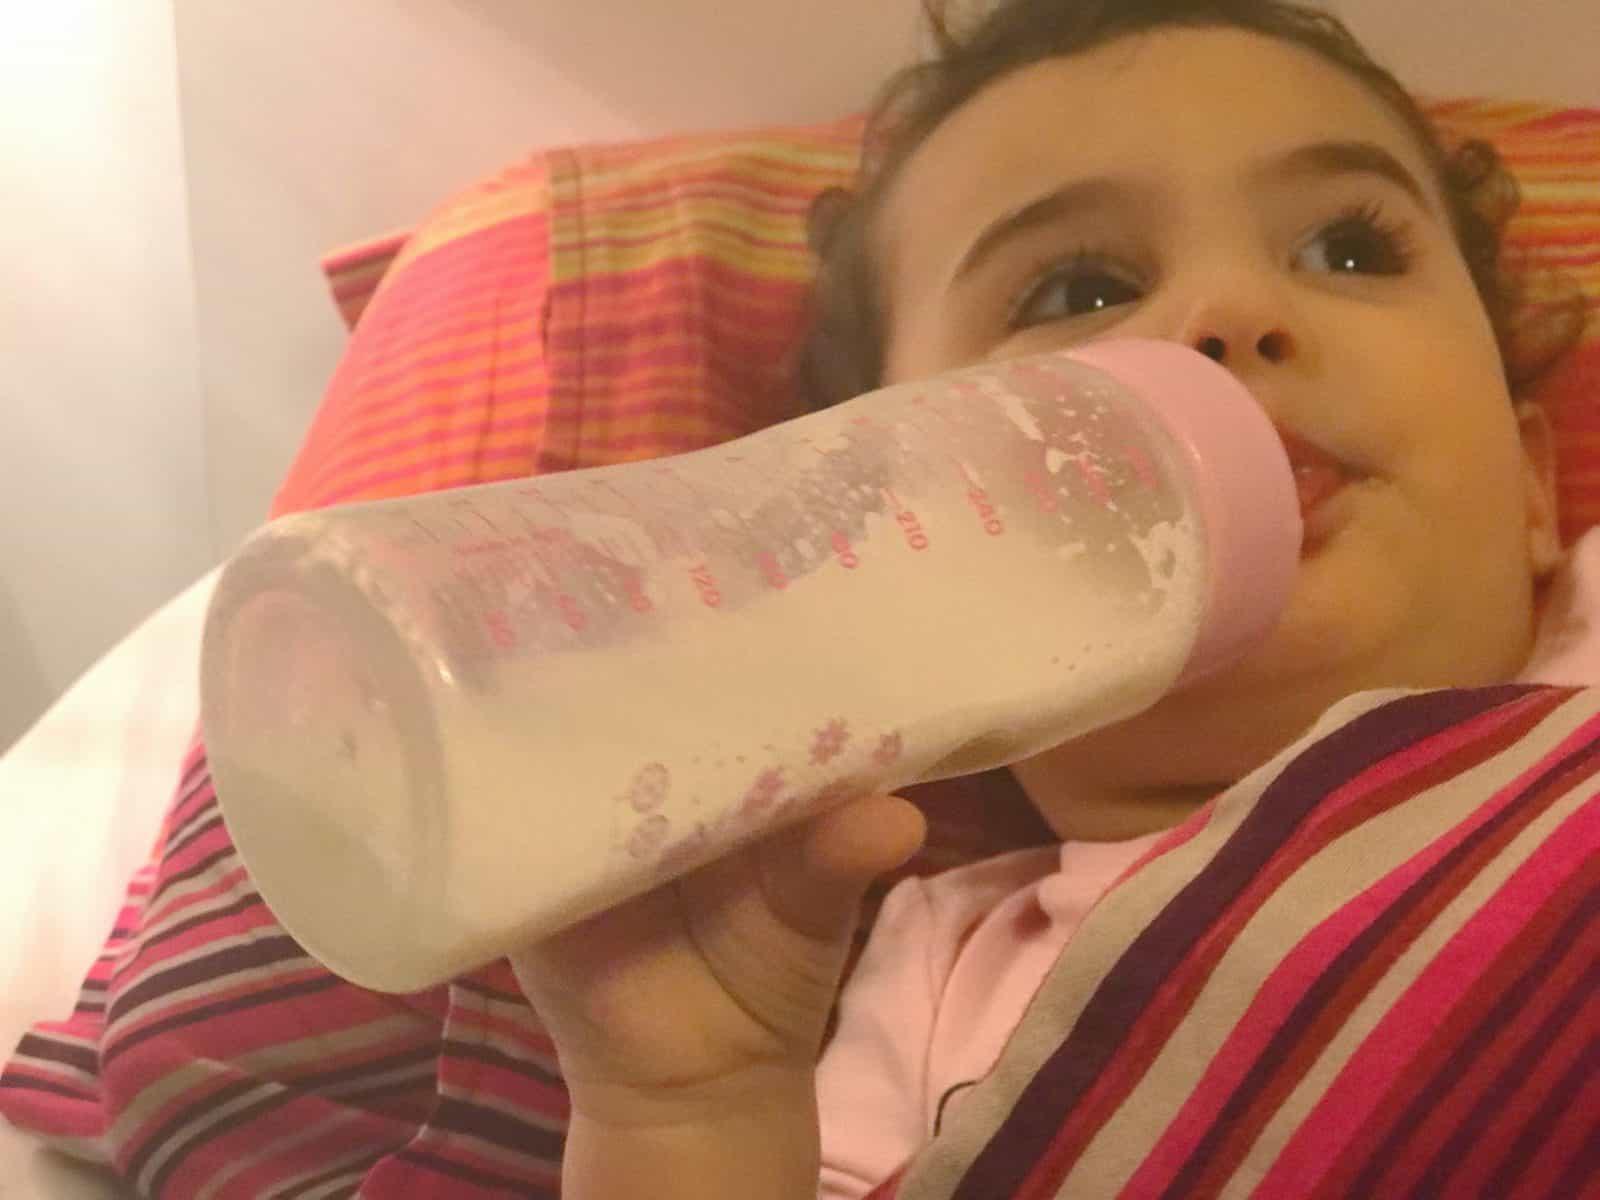 O meu filho tem alergia às proteínas do leite de vaca. E agora? (parte II)